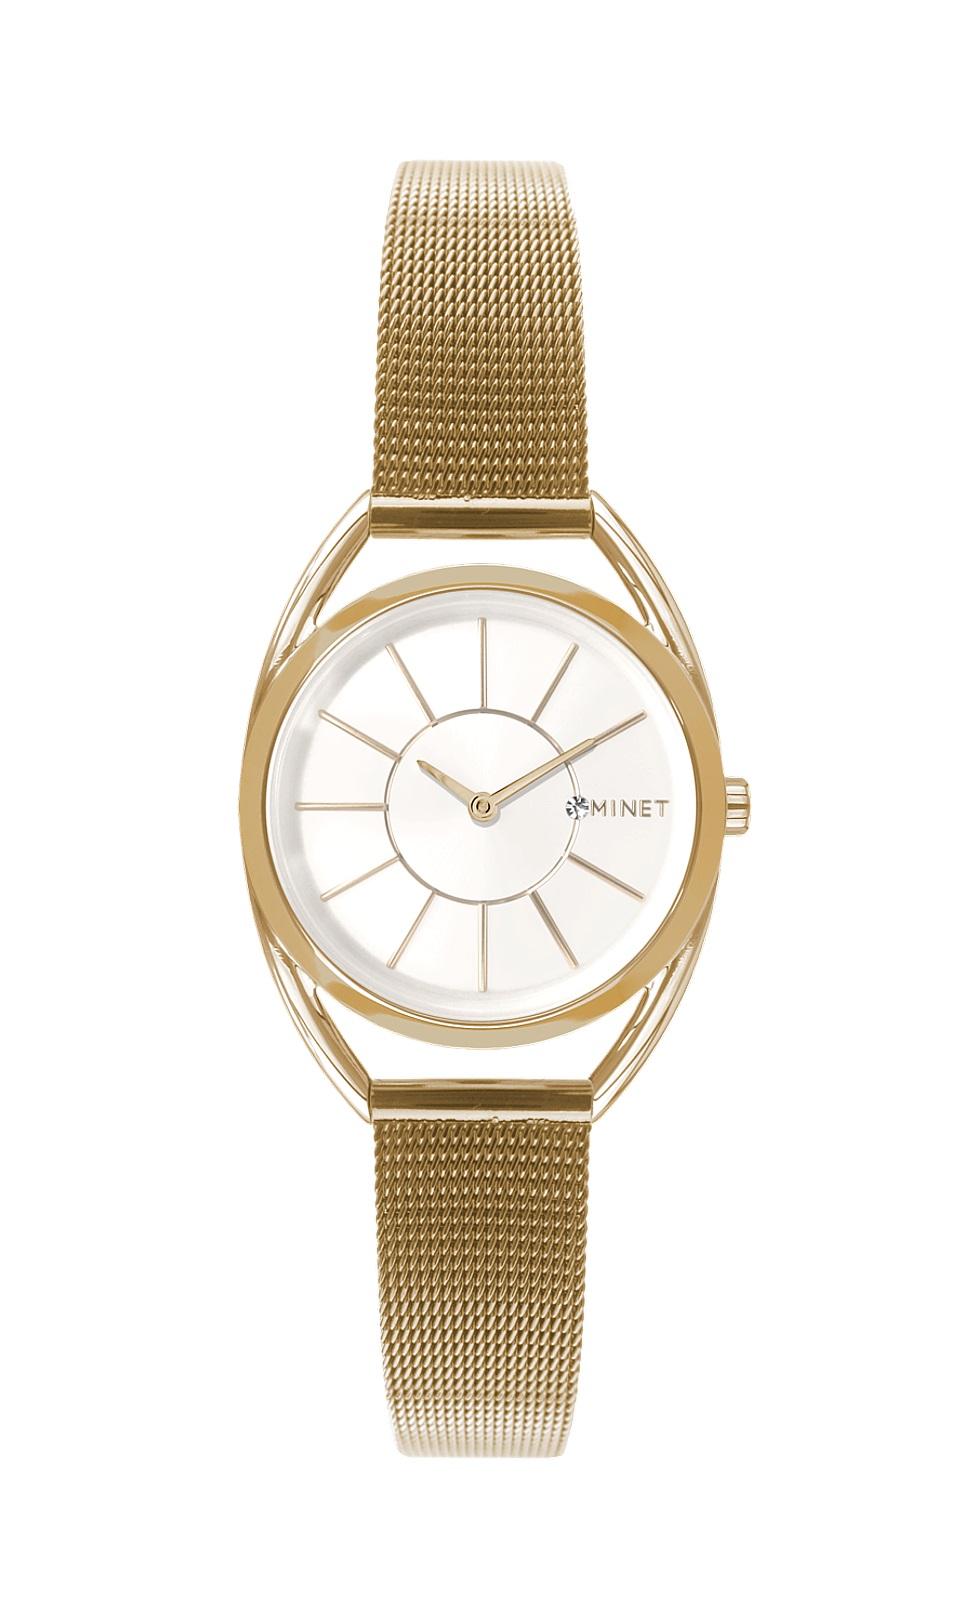 Zlaté dámské hodinky MINET ICON GOLDEN WHITE MESH MWL5011 (POŠTOVNÉ ZDARMA!! )